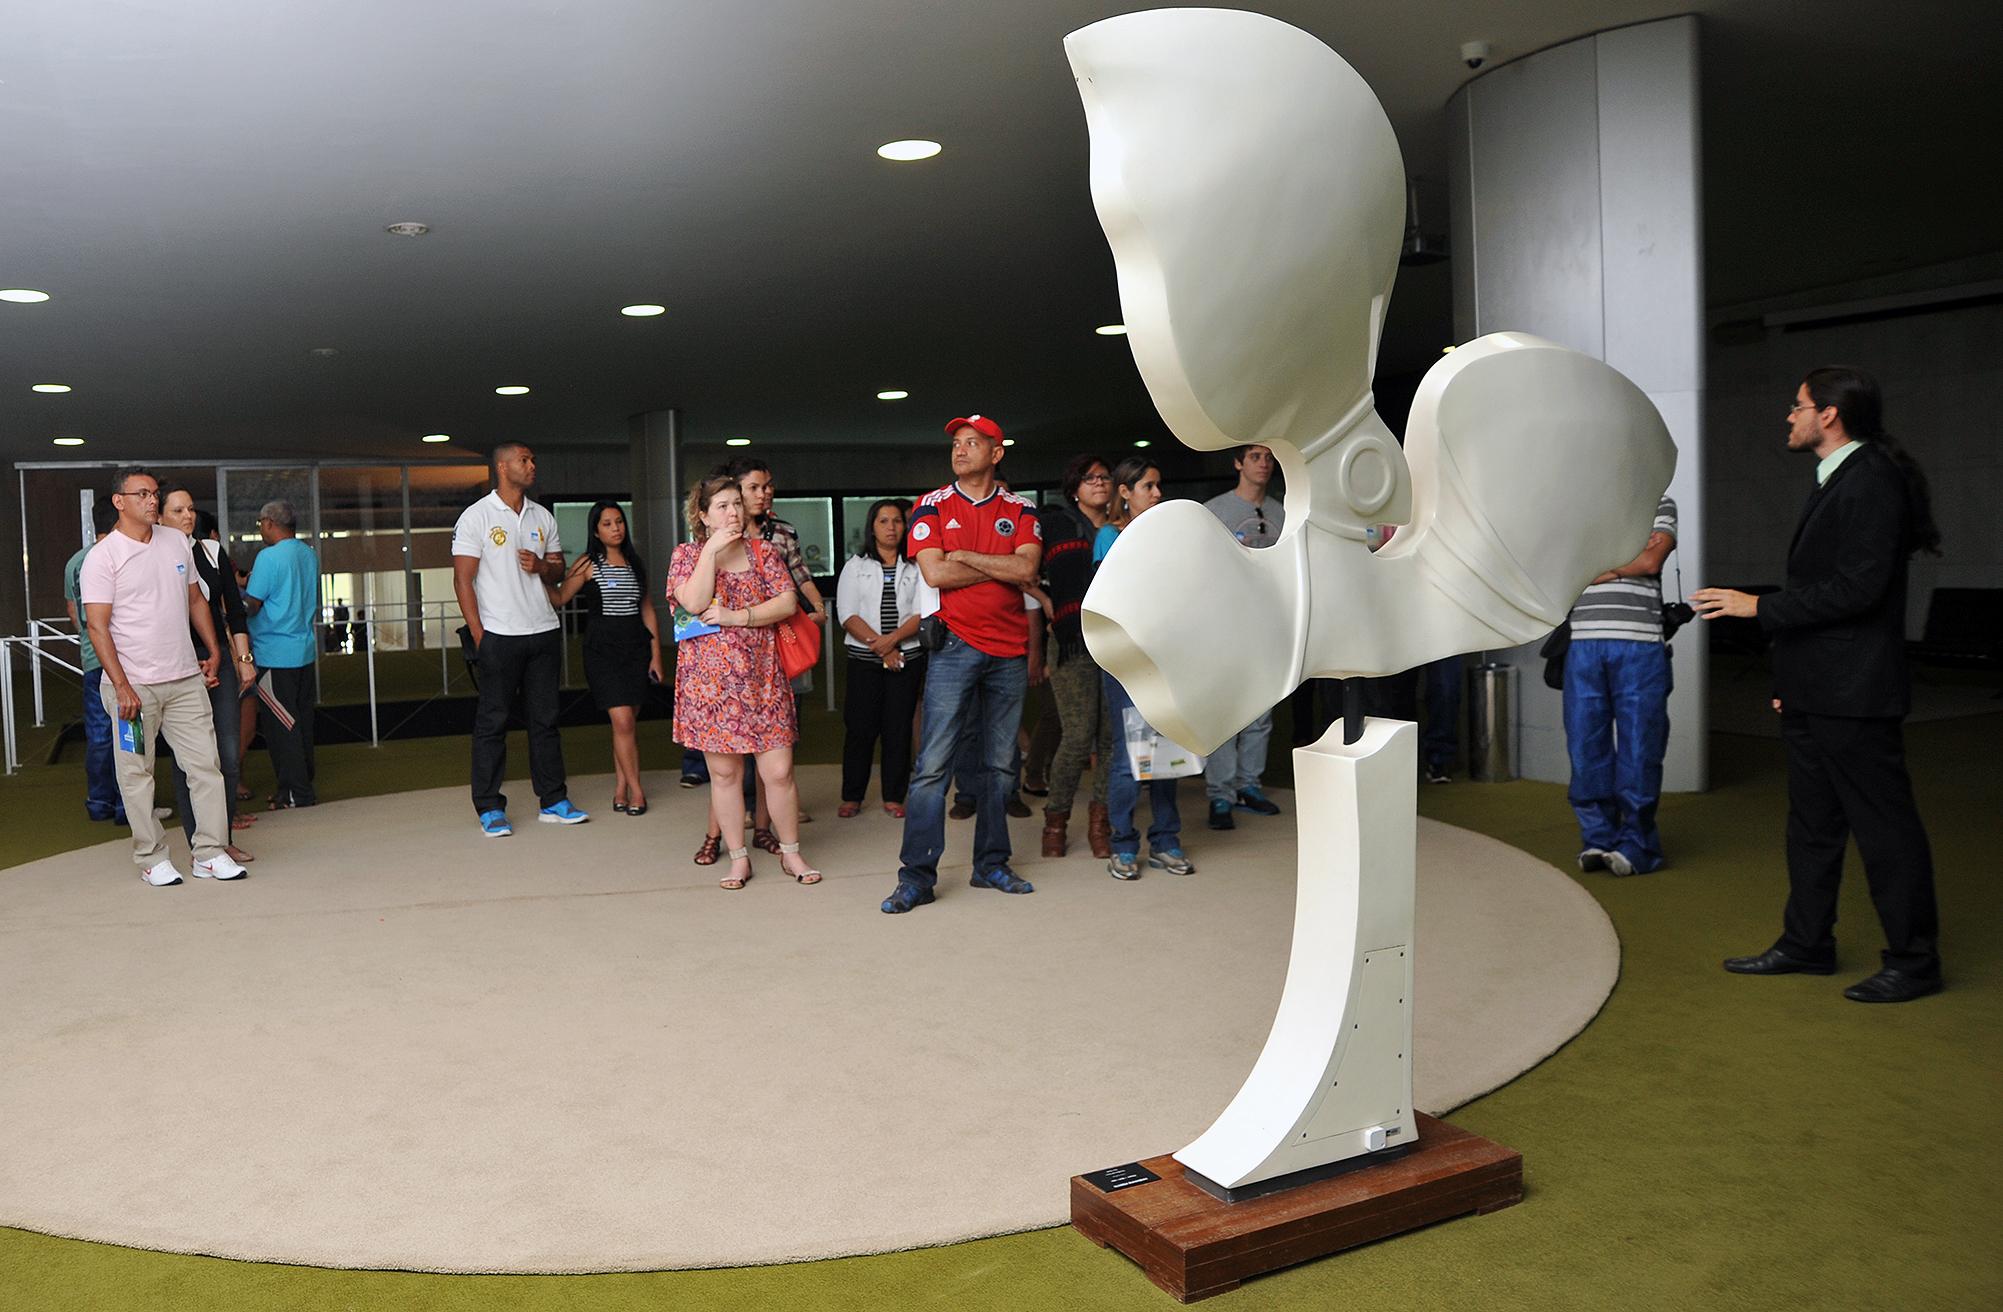 Turismo - Brasil - Brasília visitação Congresso Nacional Câmara deputados cívico turistas